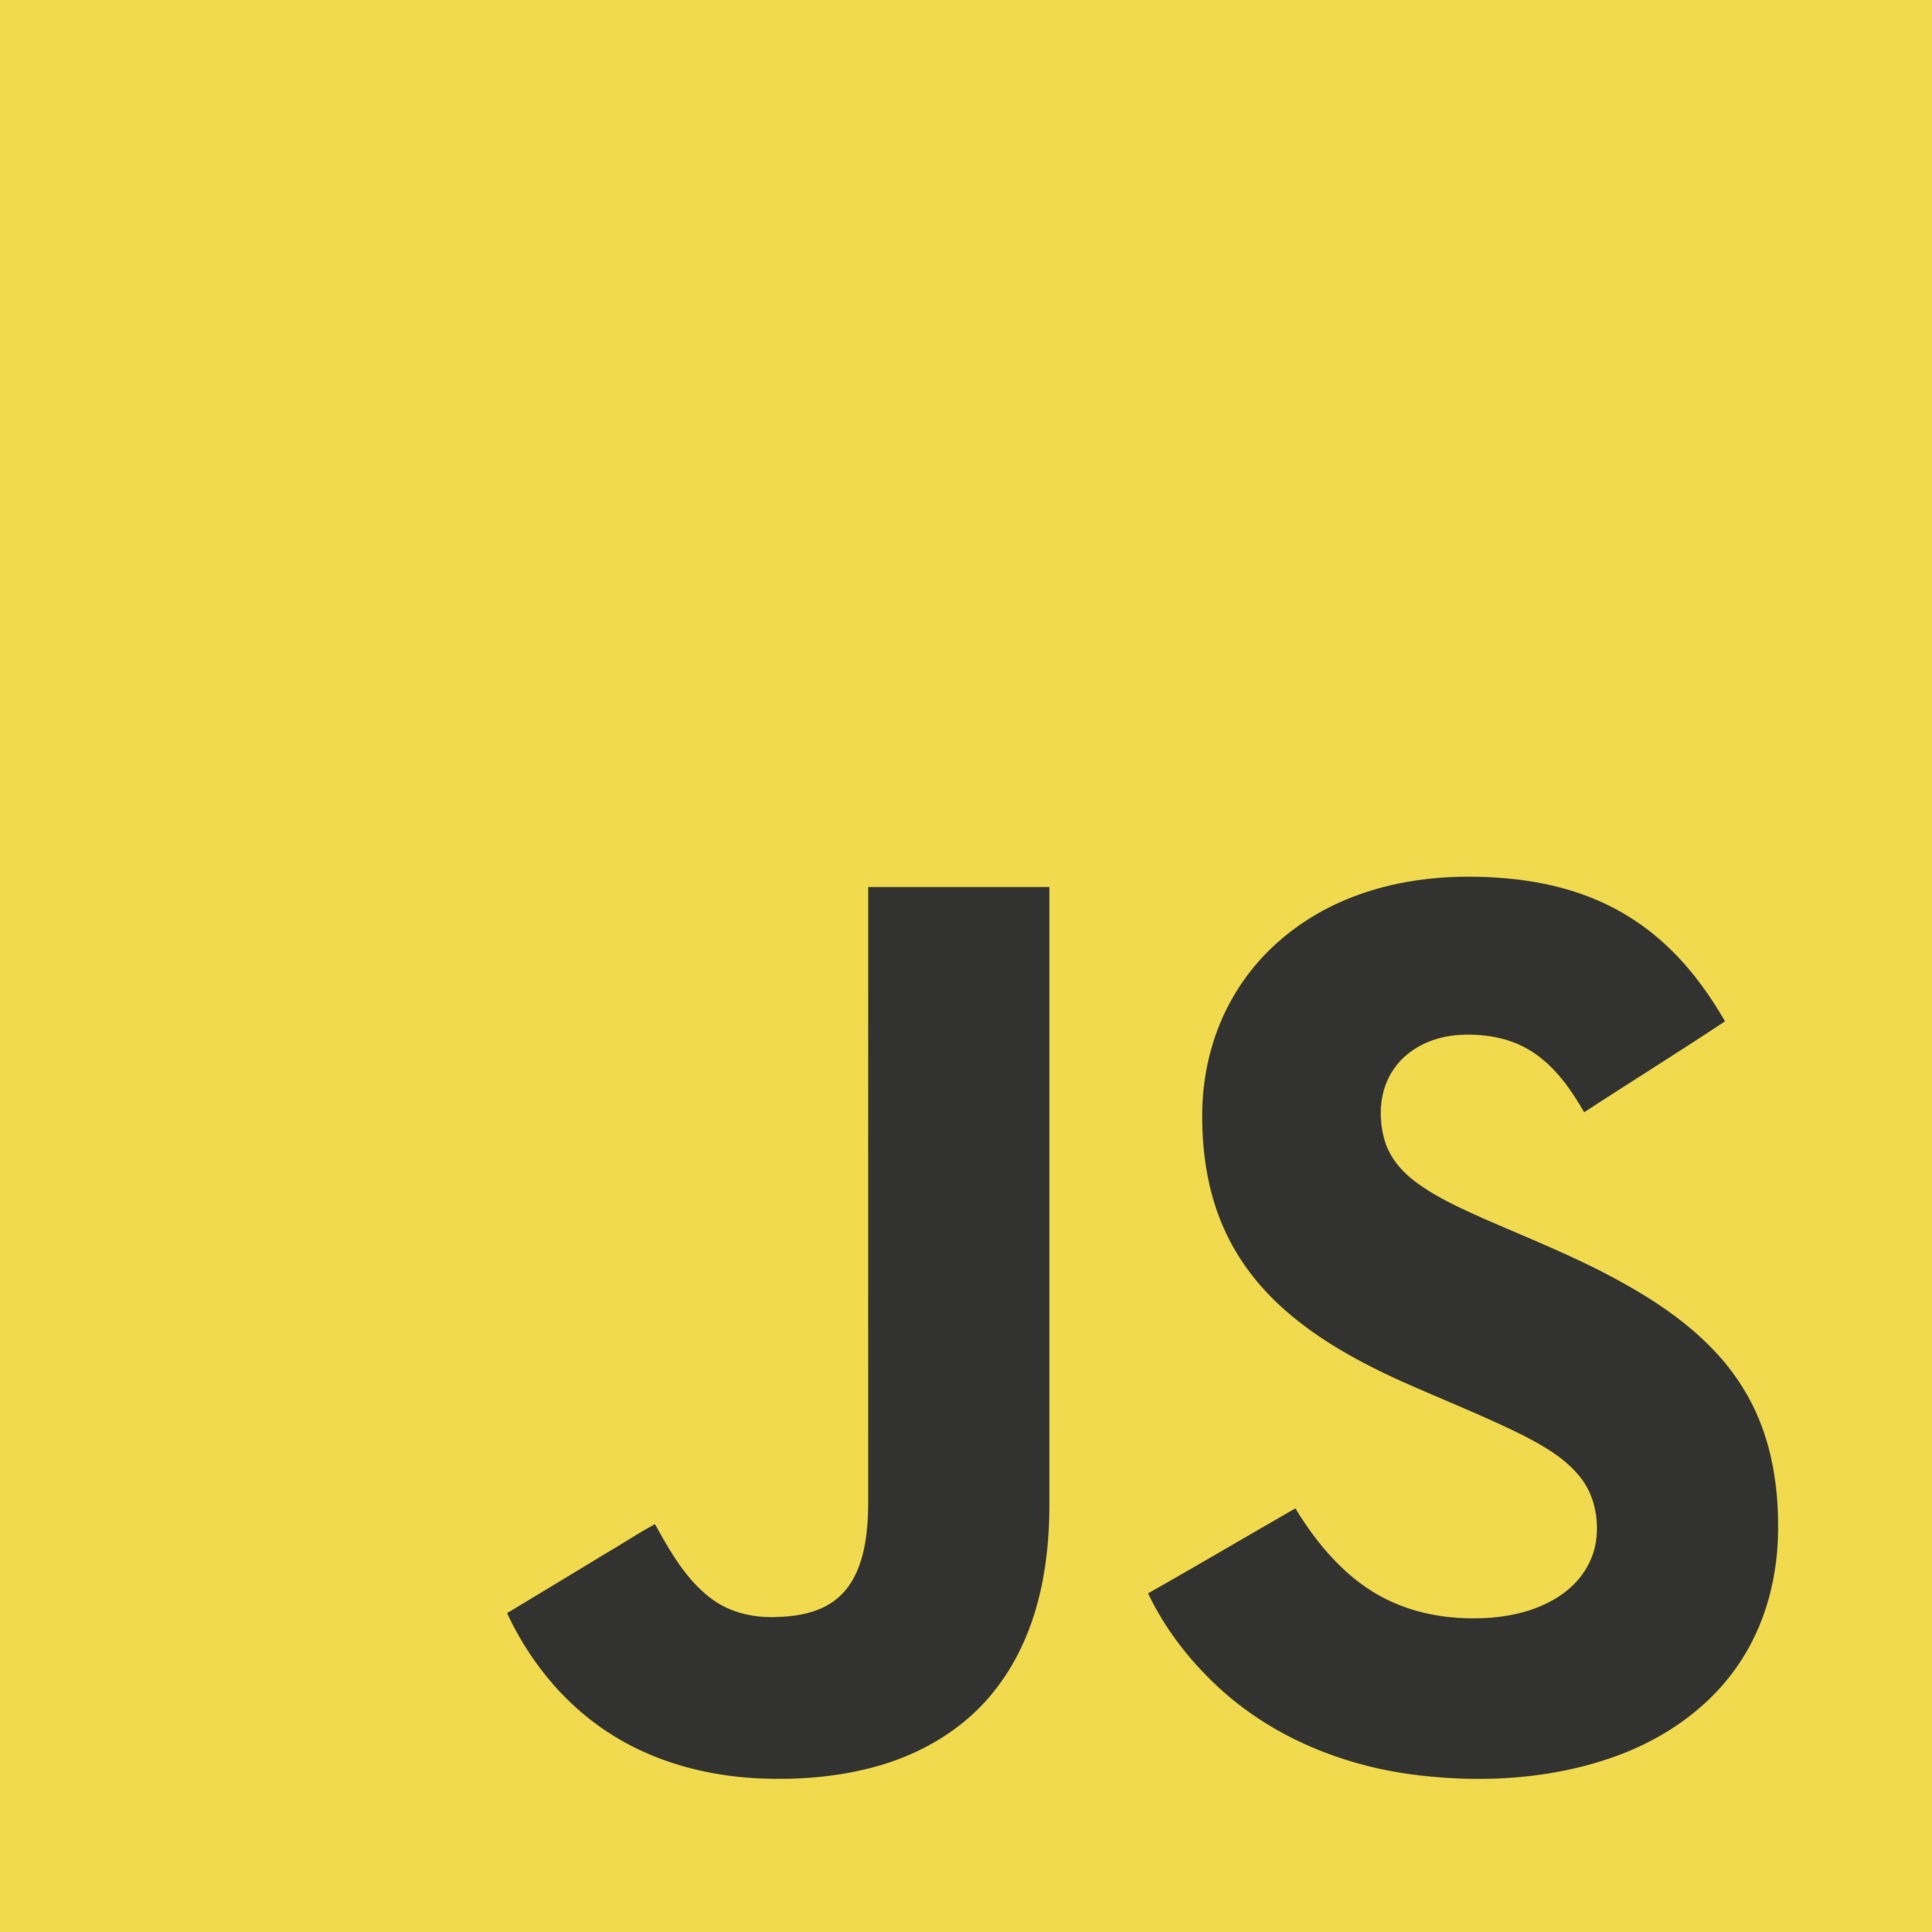 JavaScript   Logos Download